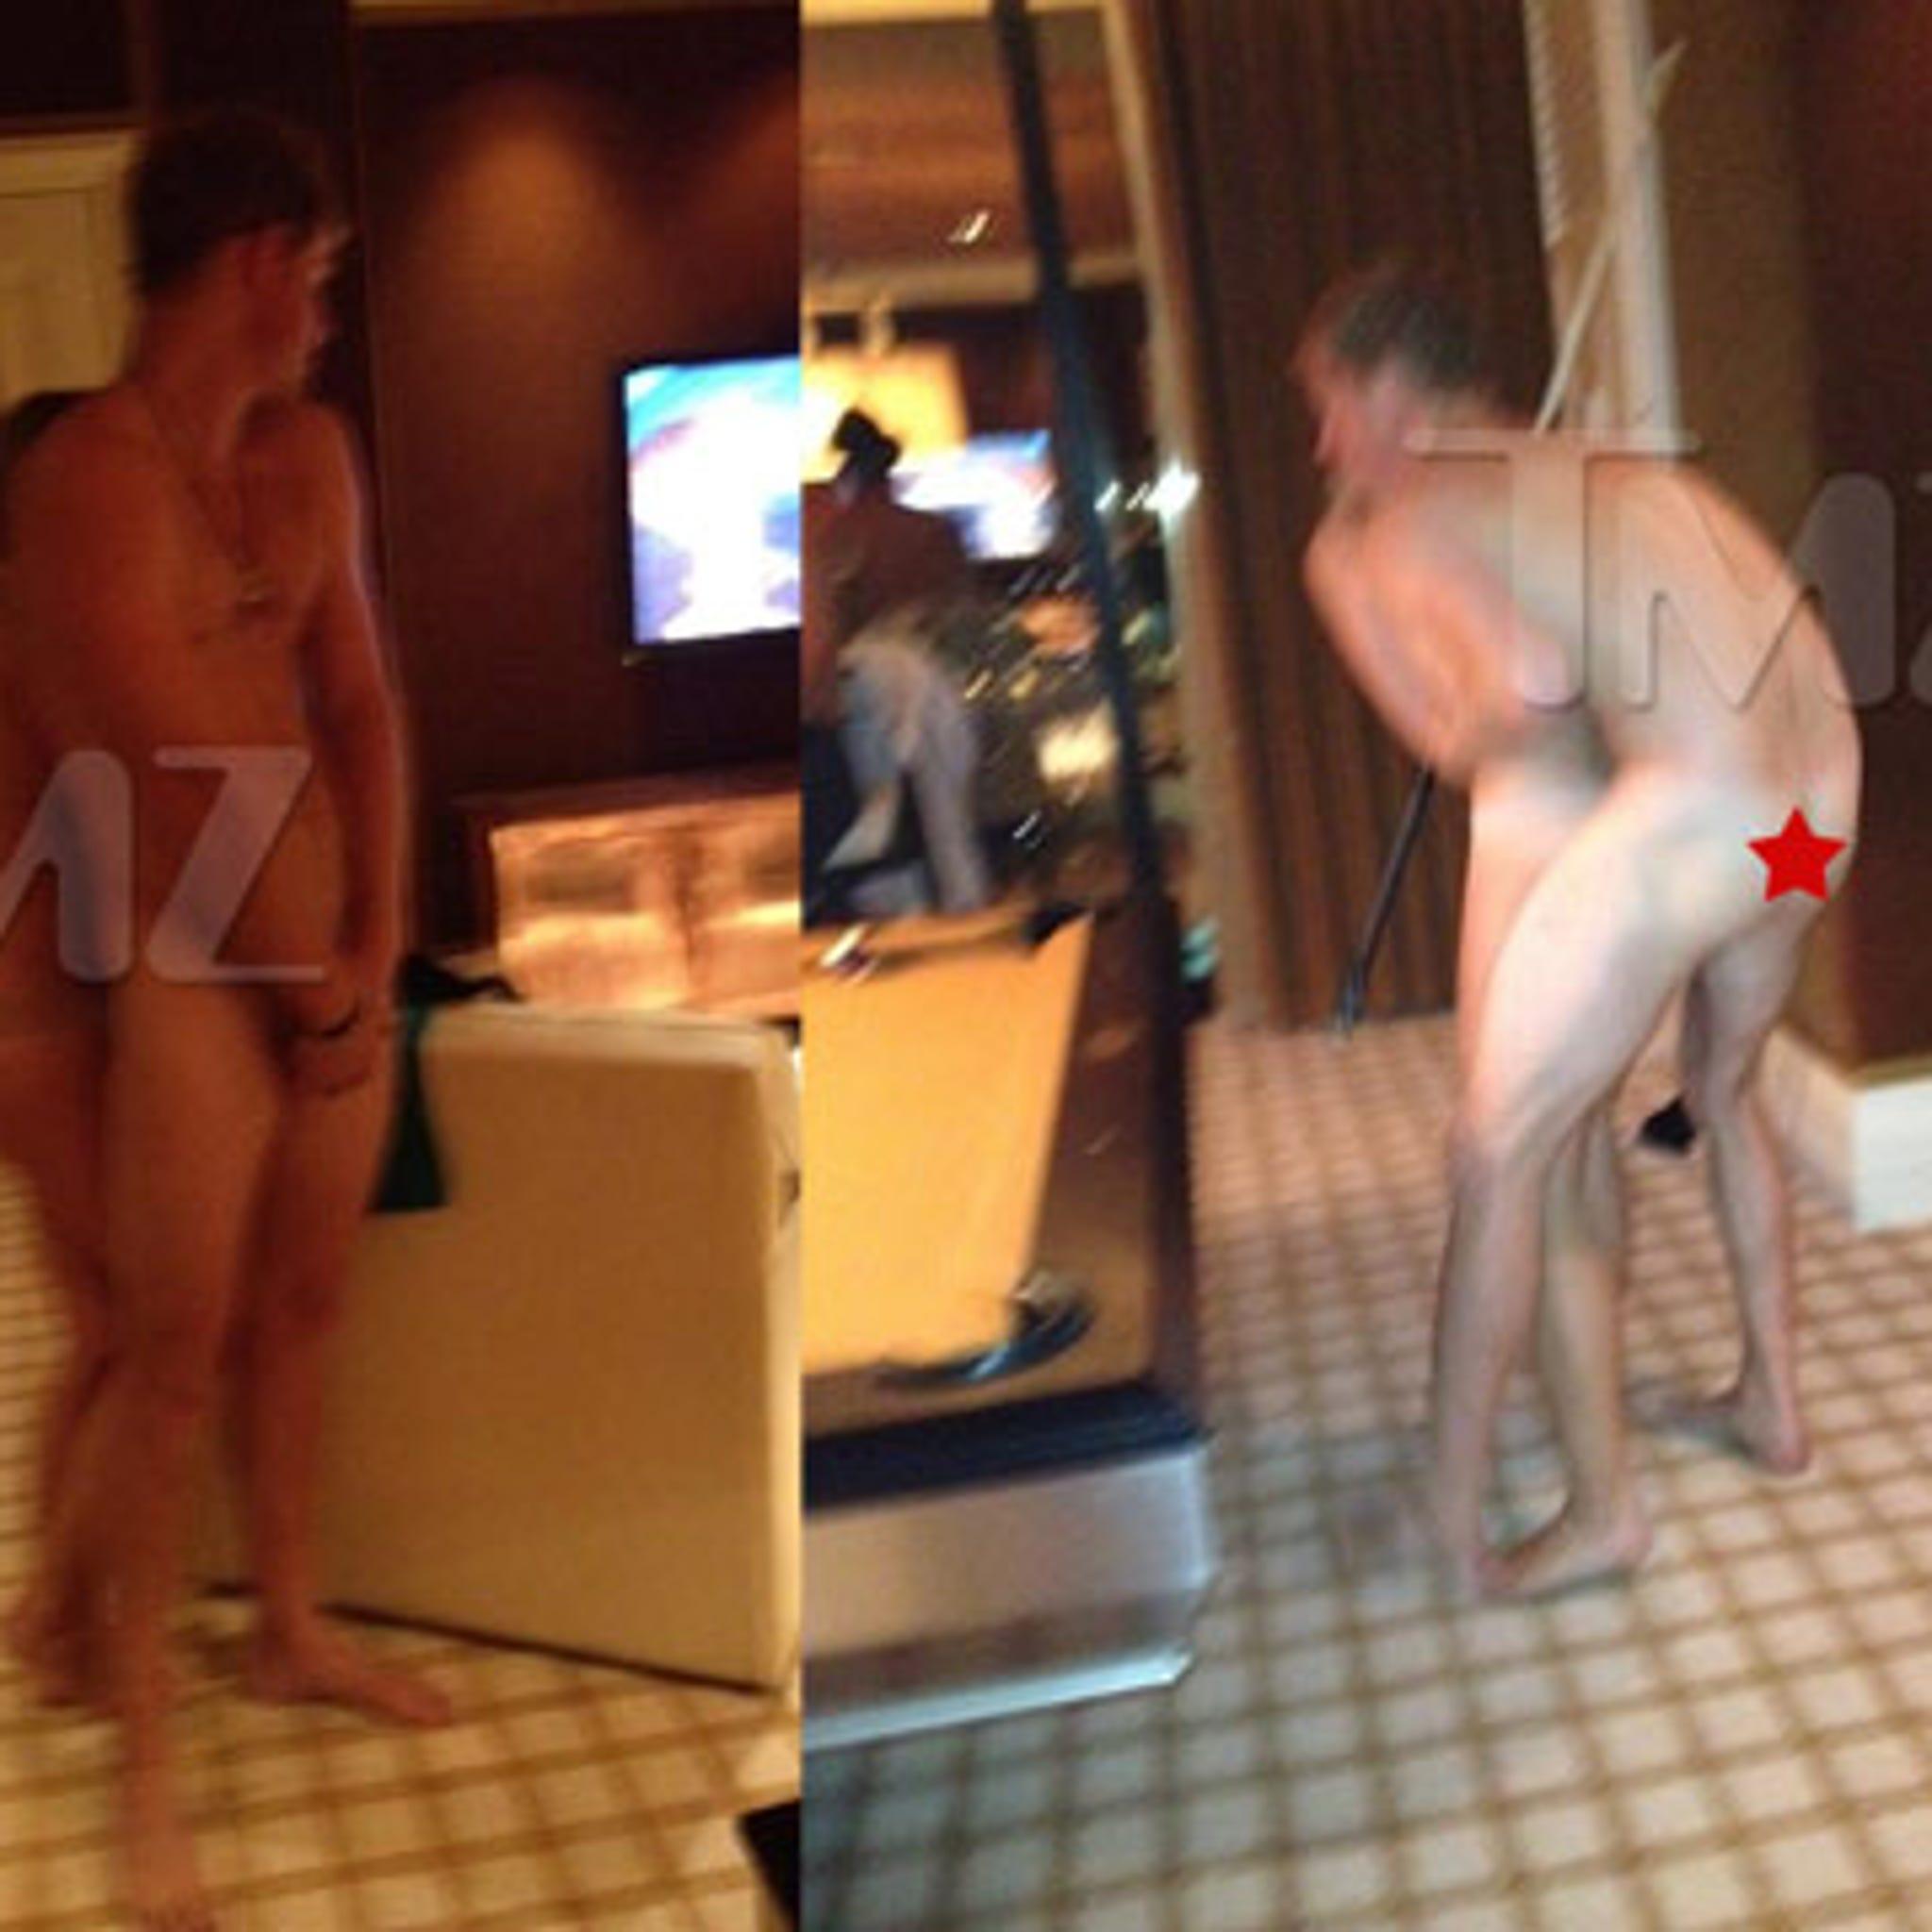 Prince harry leaked nudes